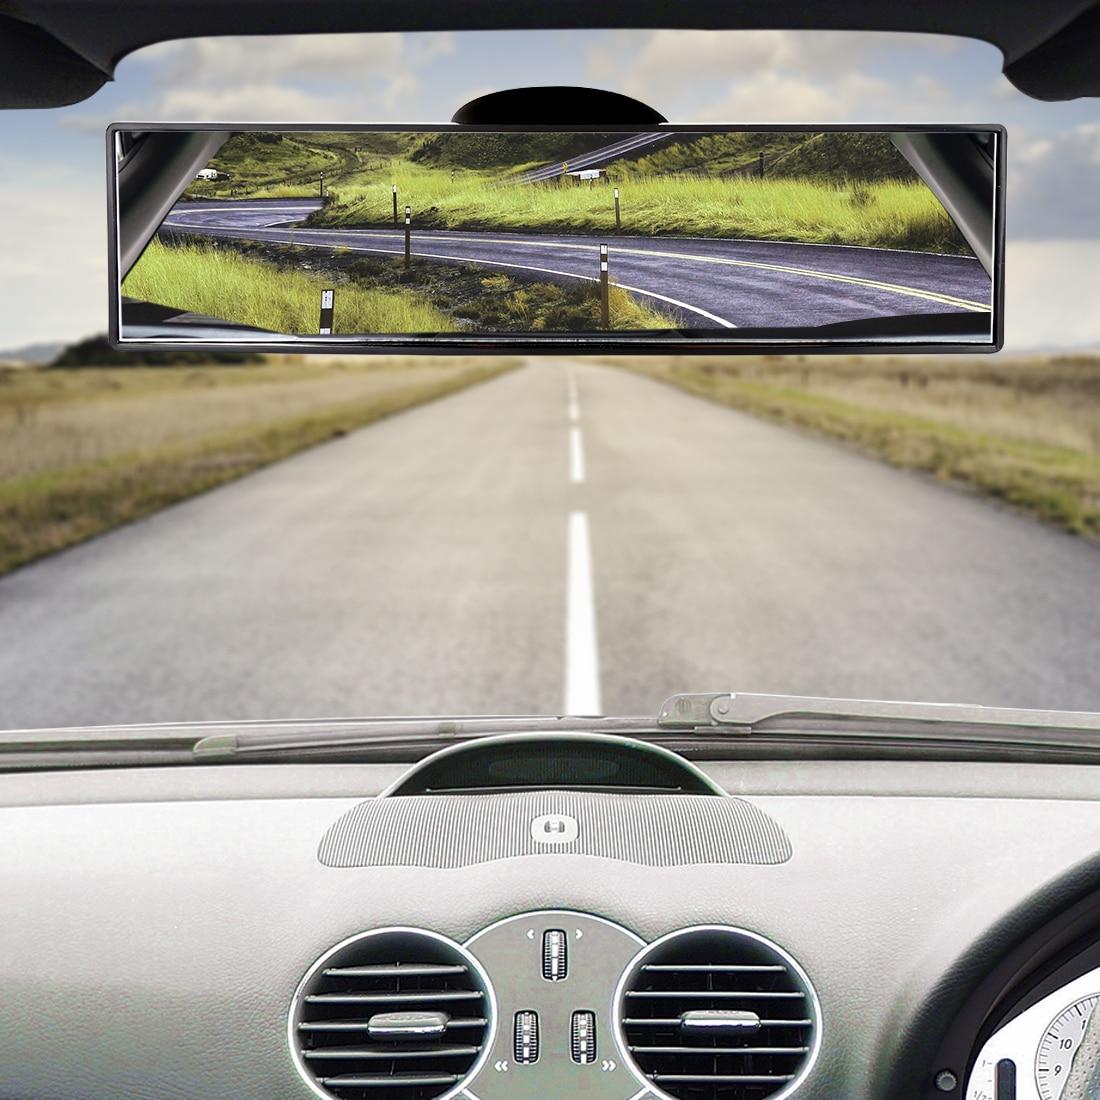 Регулируемое автомобильное Панорамное зеркало заднего вида 4 дюйма 8 дюймов 13 дюймов широкий угол интерьера заднего вида с присоской